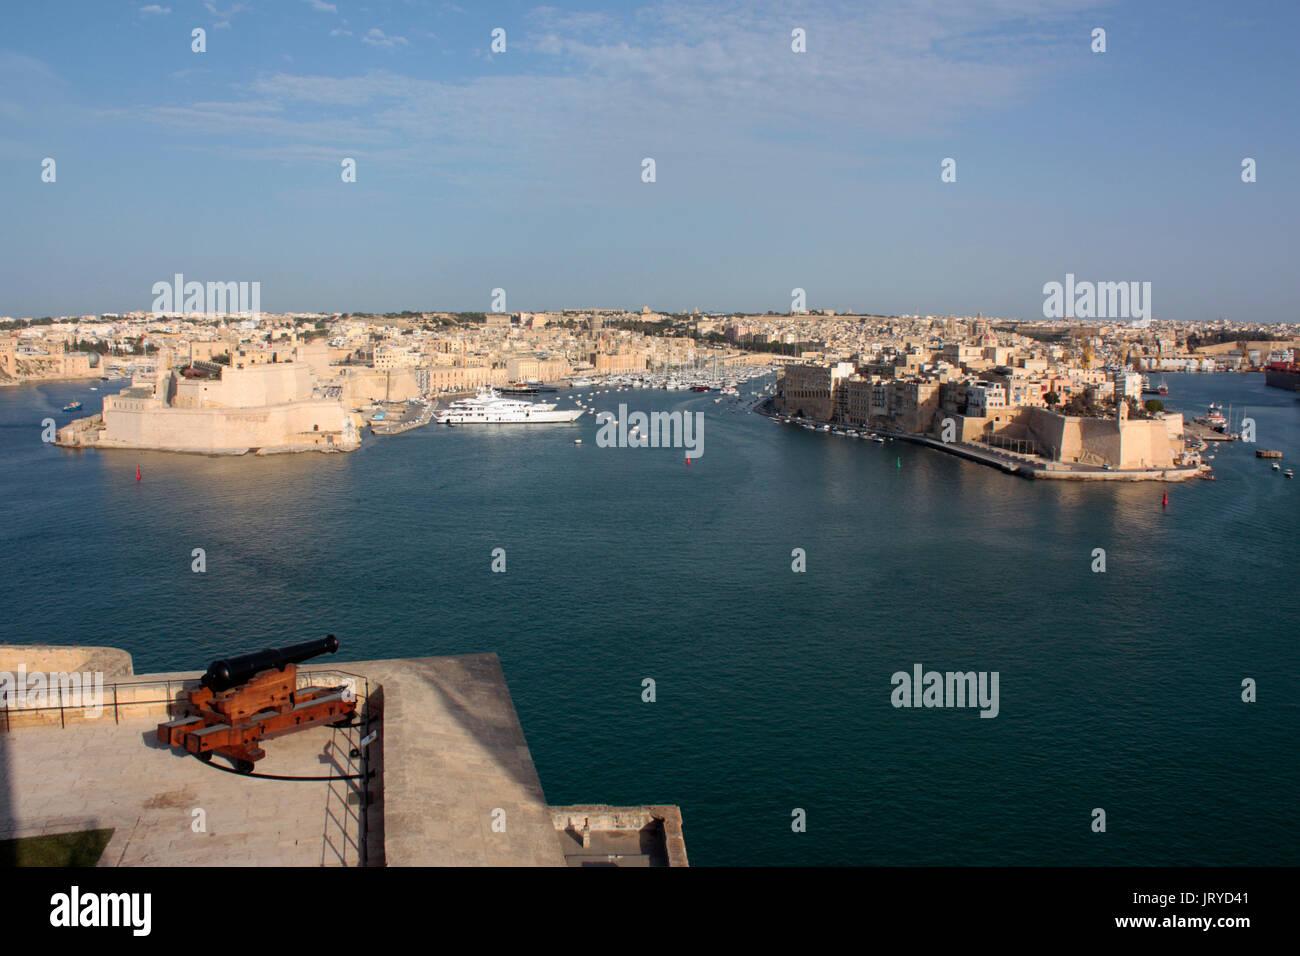 Den Grand Harbour von Malta, einen historischen Mediterrane Reiseziel. Blick von der Oberen Barrakka, Valletta. Urban maltesische Landschaft und Geschichte. Stockbild